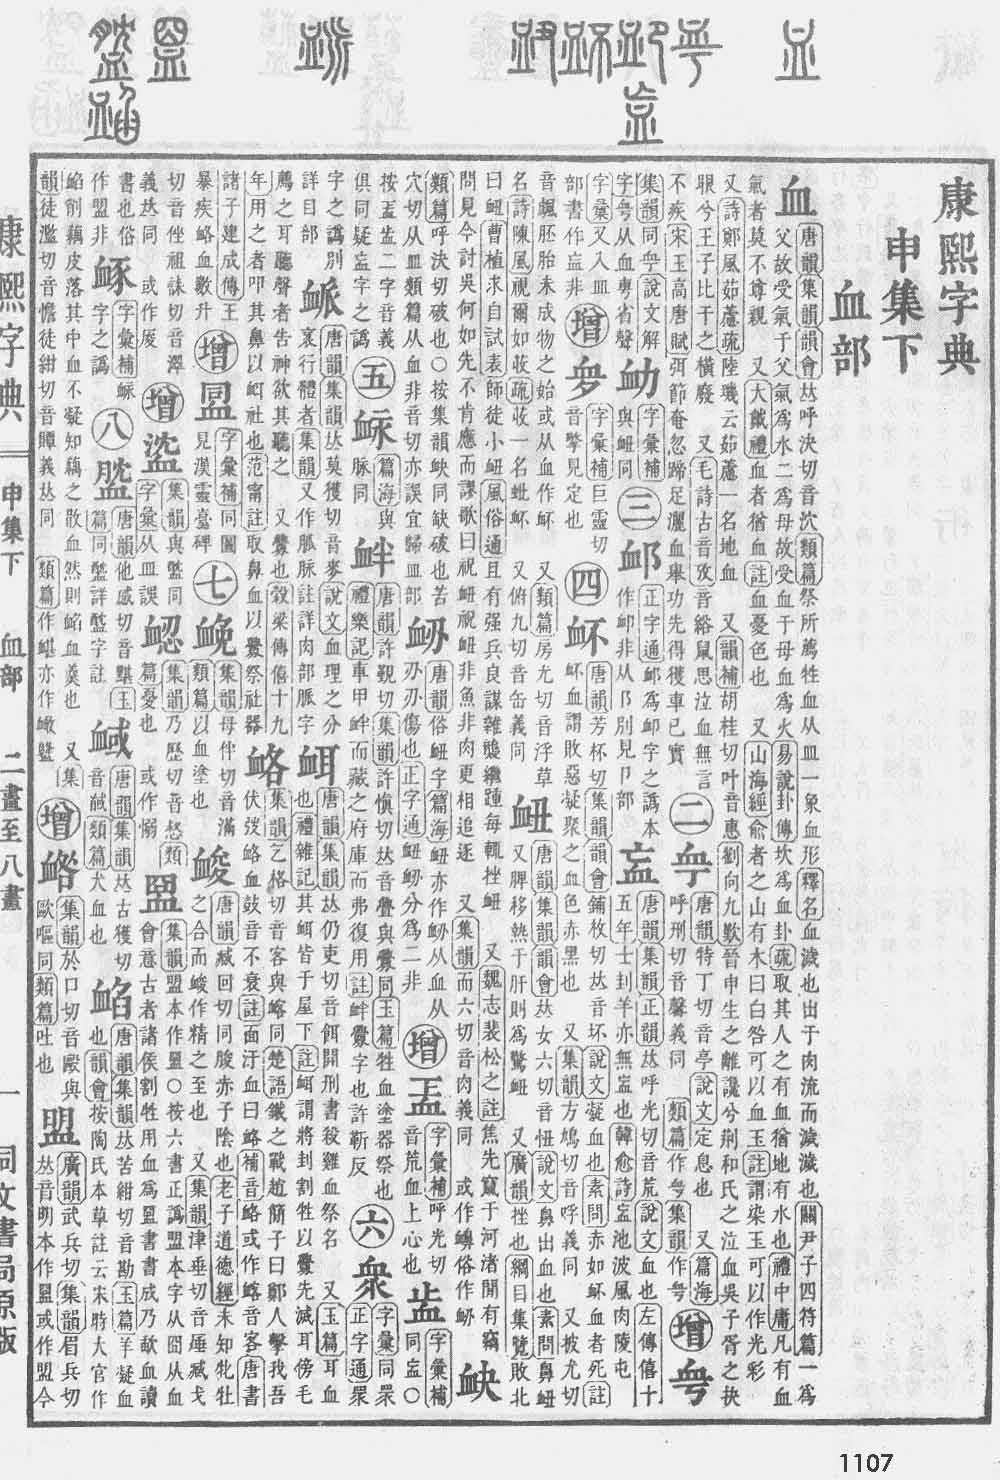 《康熙字典》第1107页